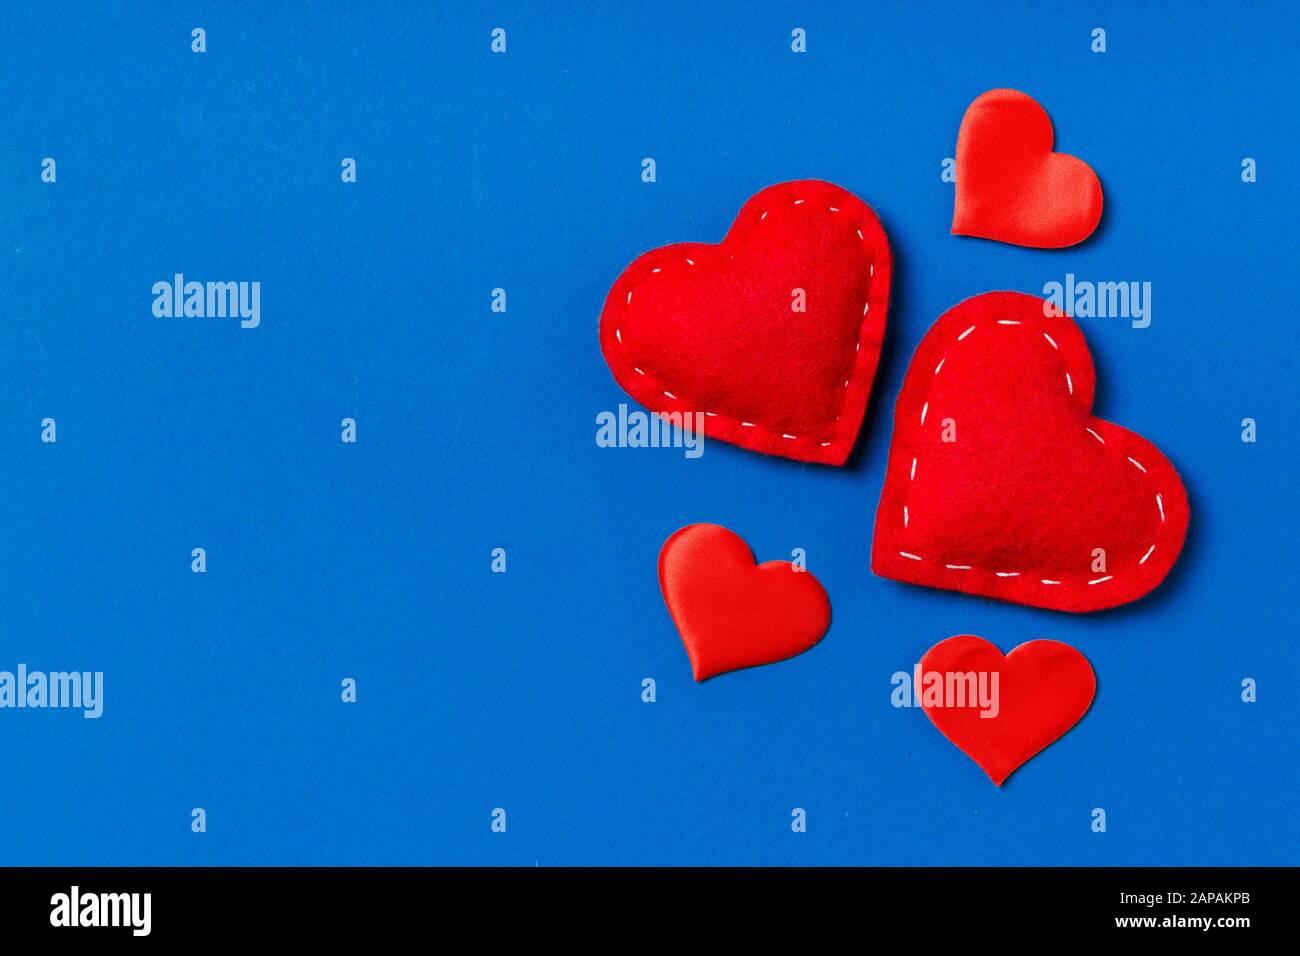 Draufsicht Komposition von roten Herzen auf farbenfrohem Hintergrund. Romantisches Beziehungskonzept. Valentinstag. Stockfoto